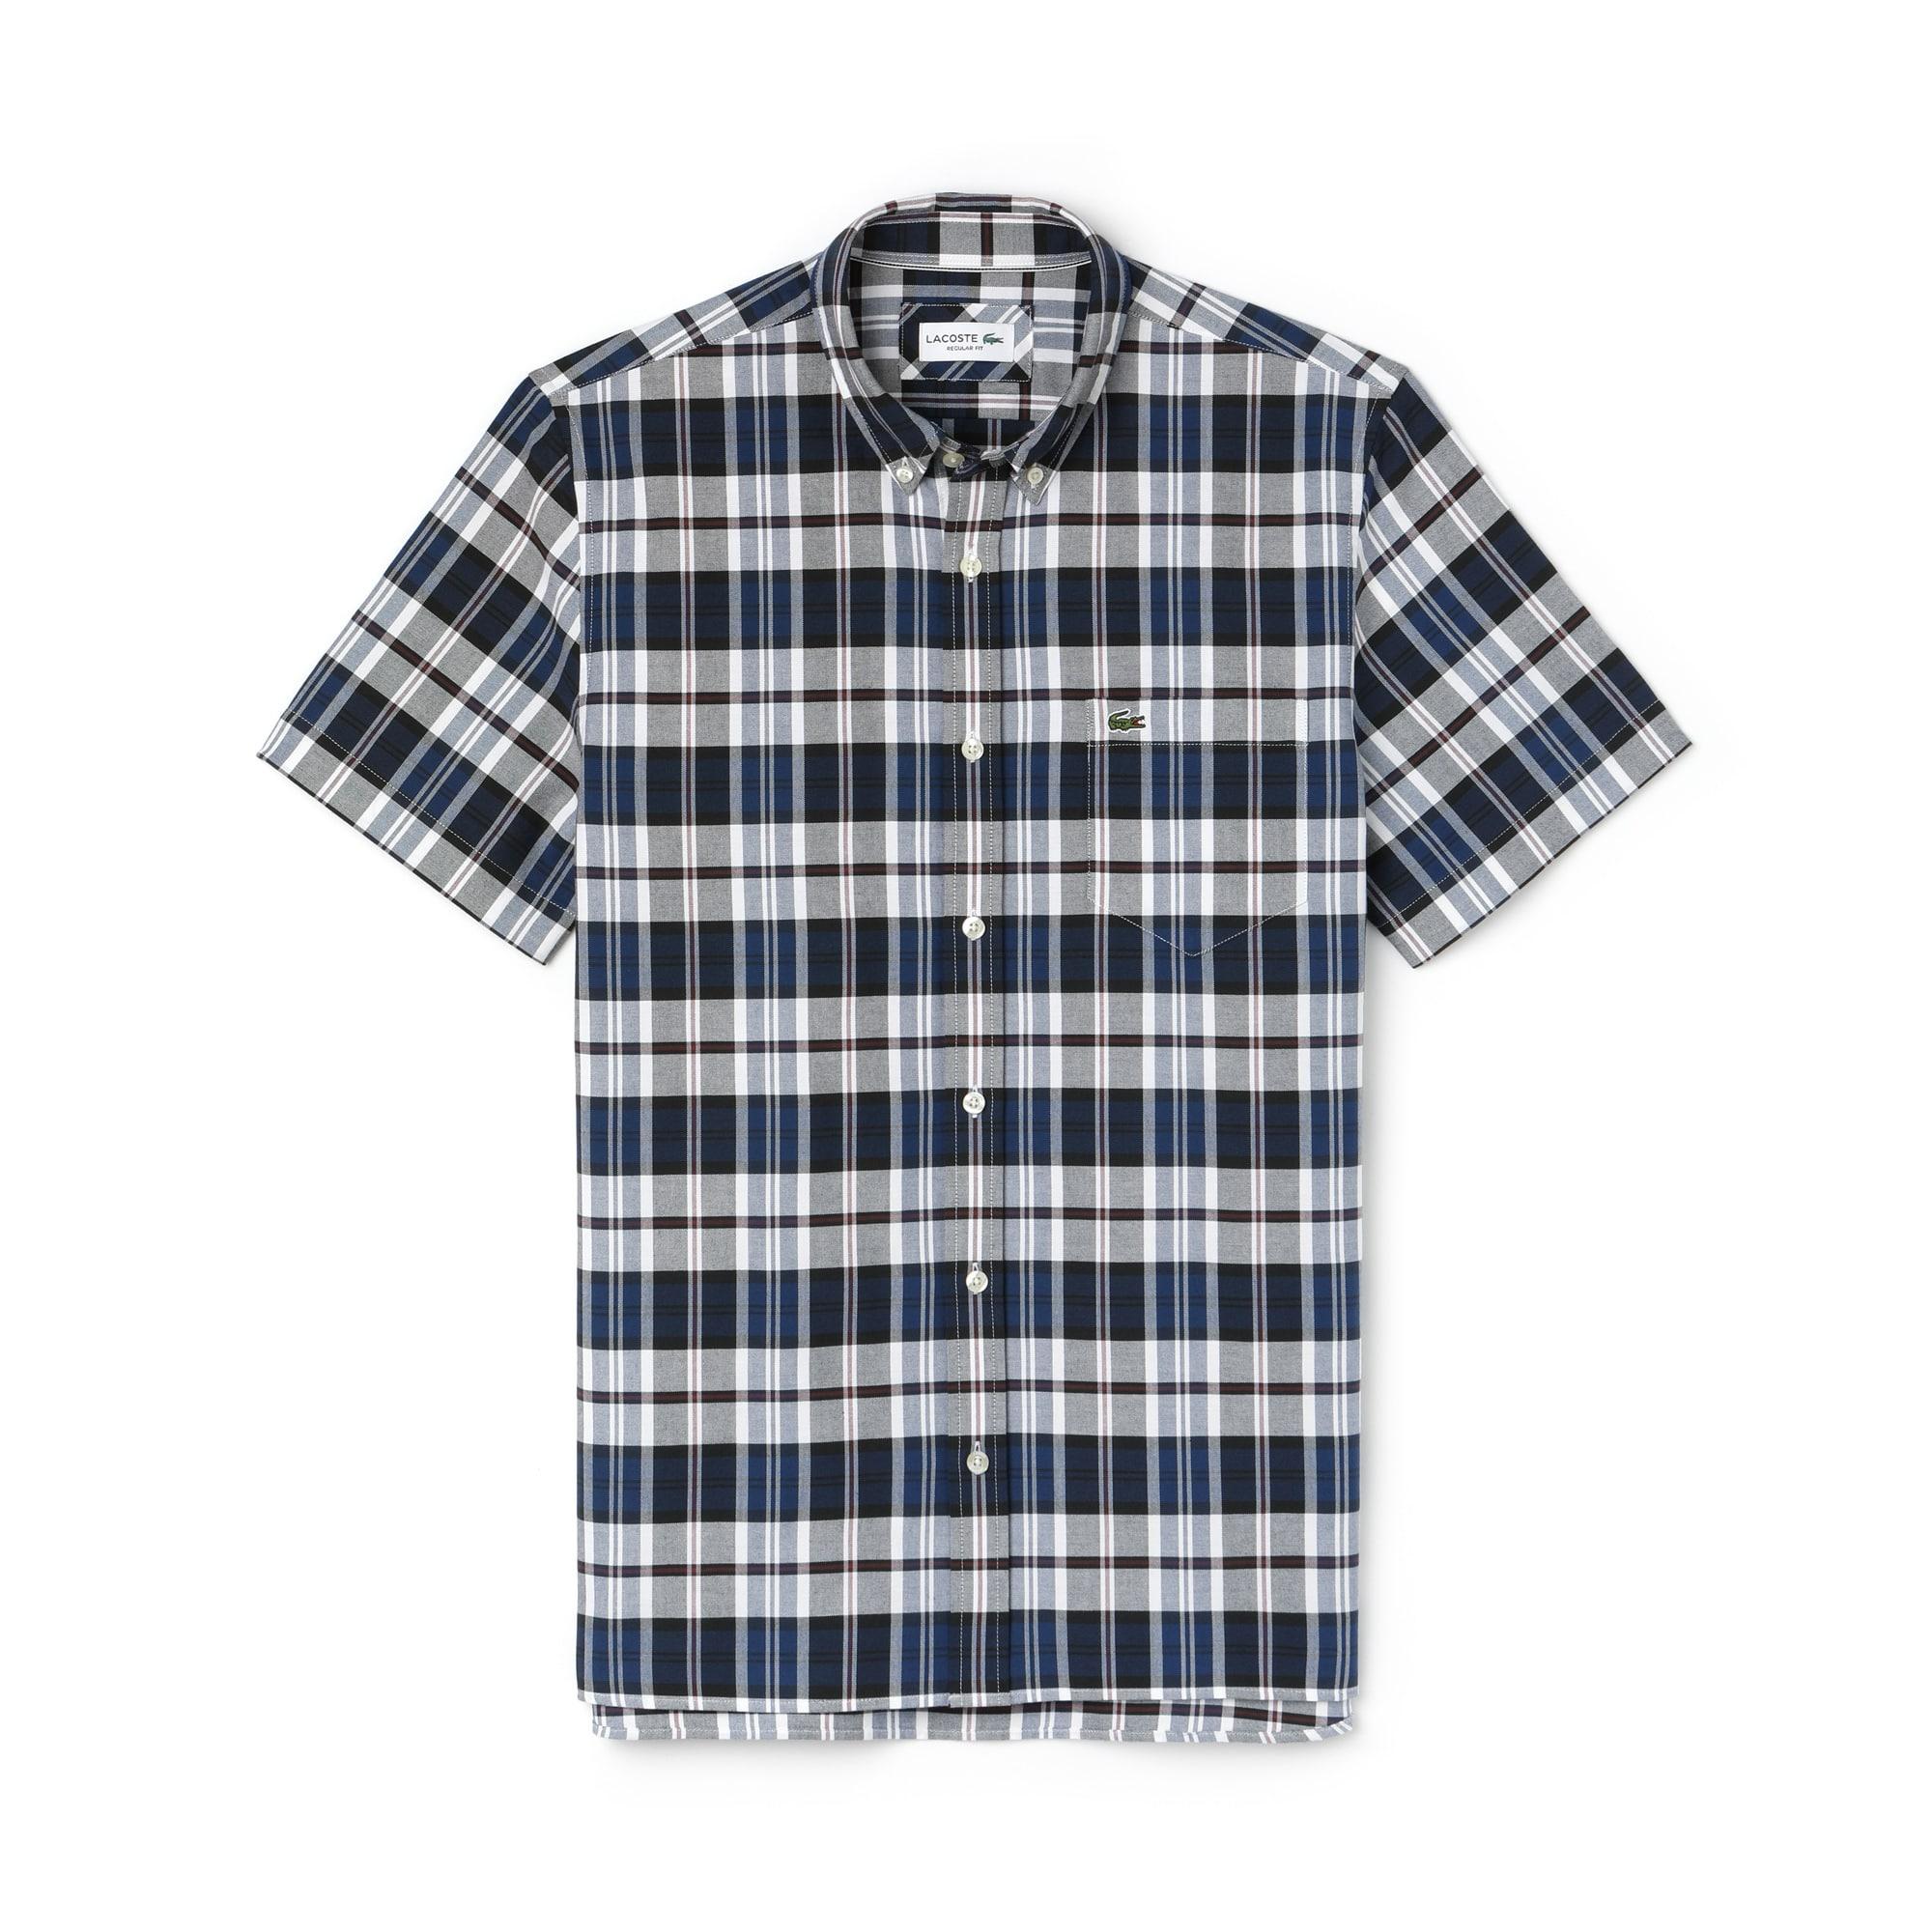 Regular Fit Herren-Hemd aus Oxford-Baumwolle mit bunten Karos